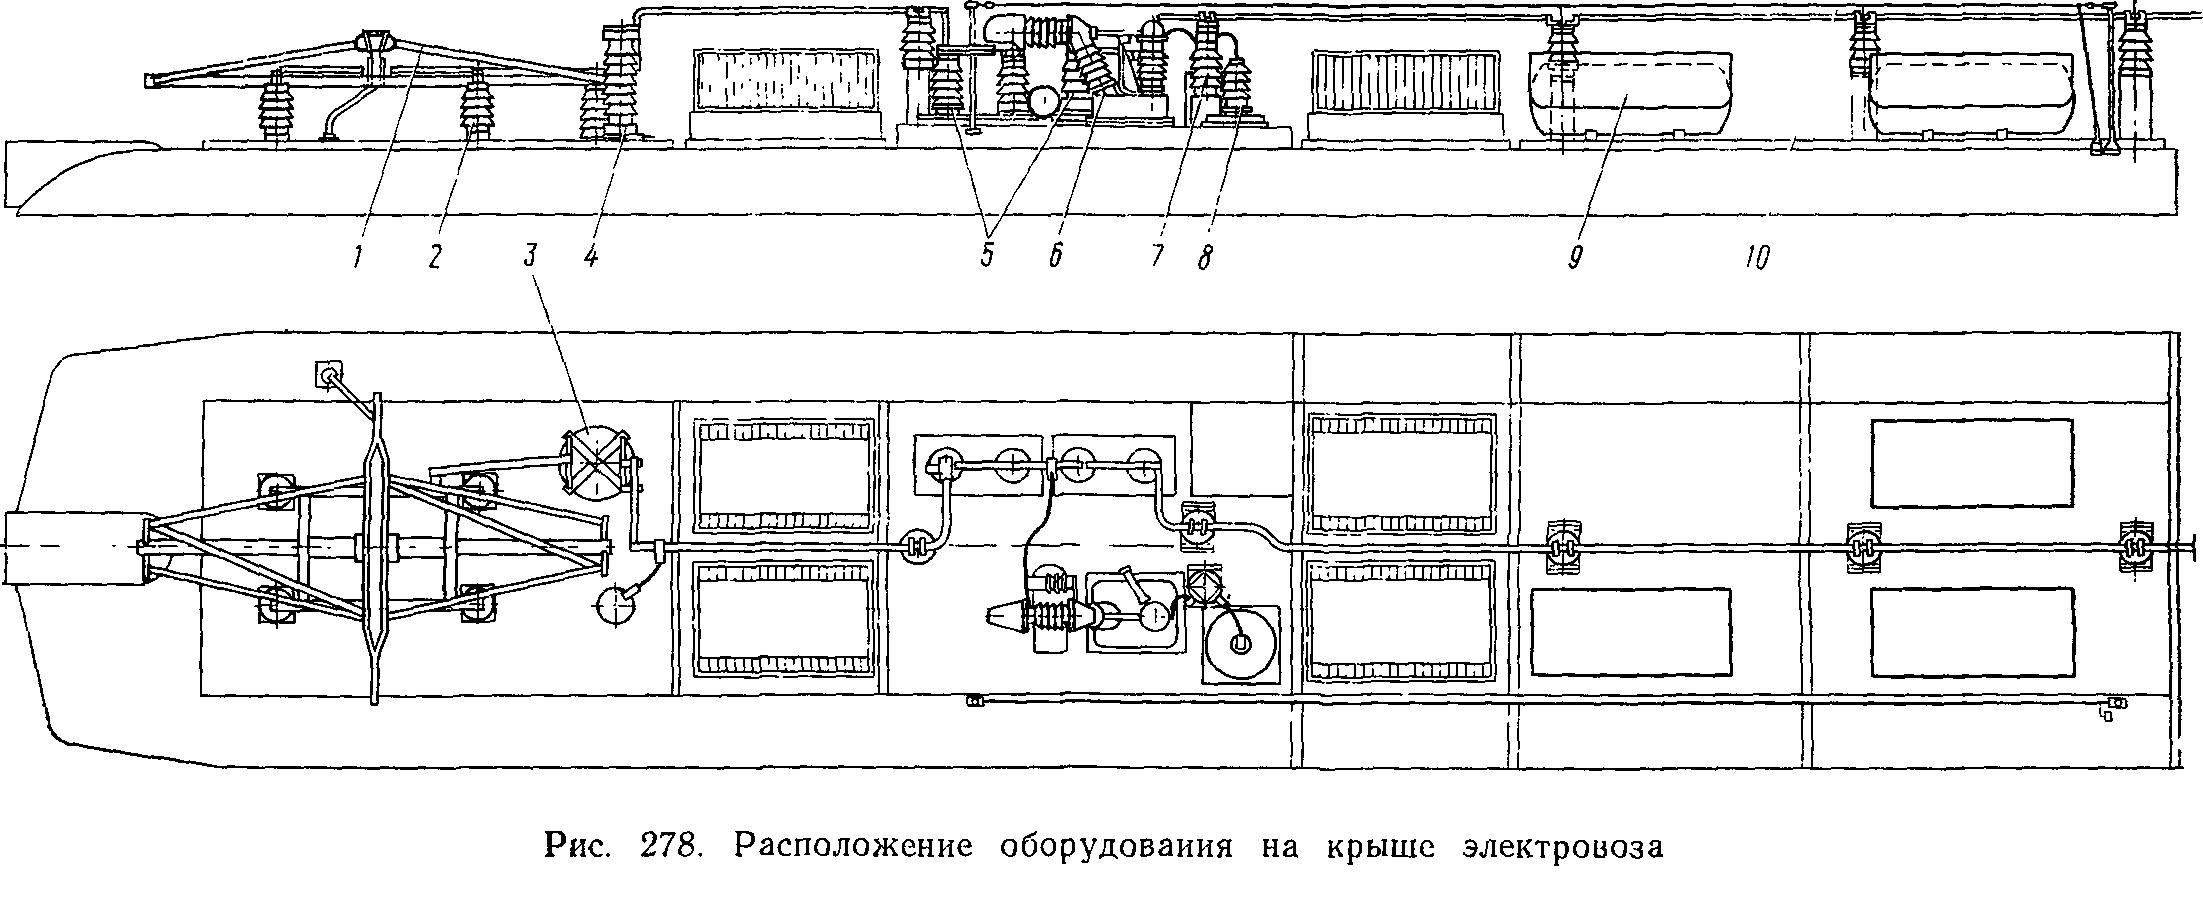 электрическая схема пкд 142